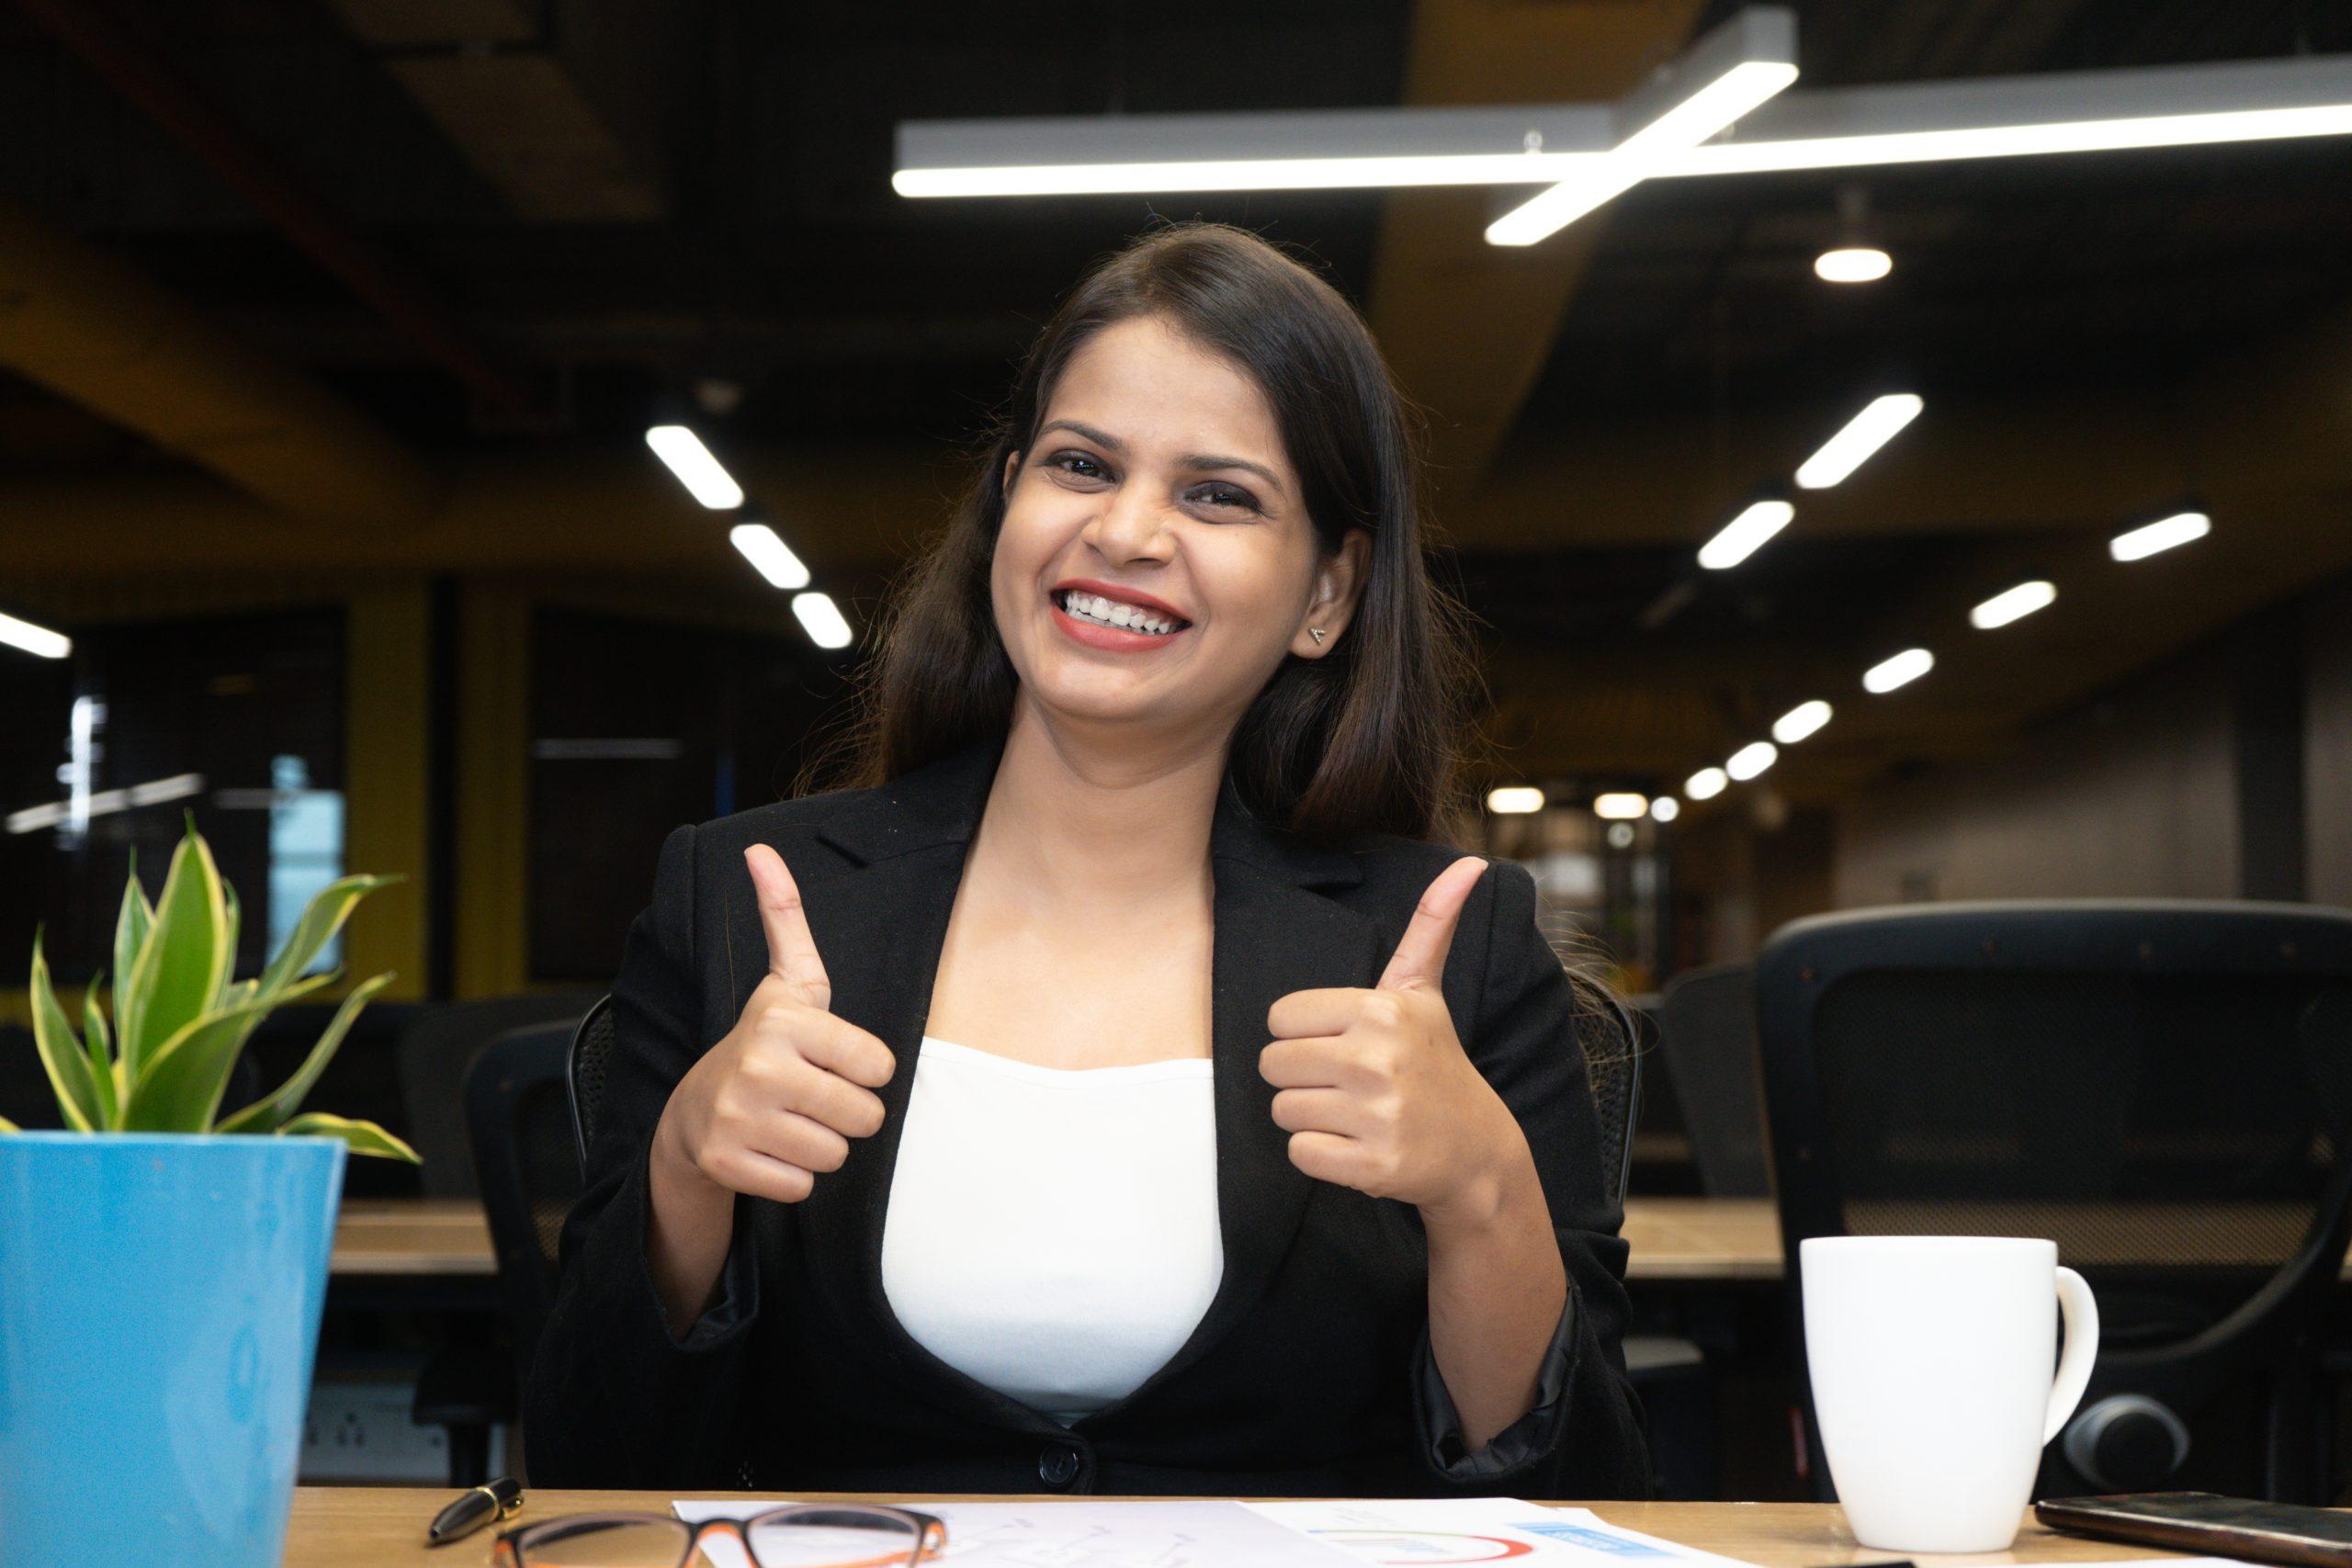 A happy employee